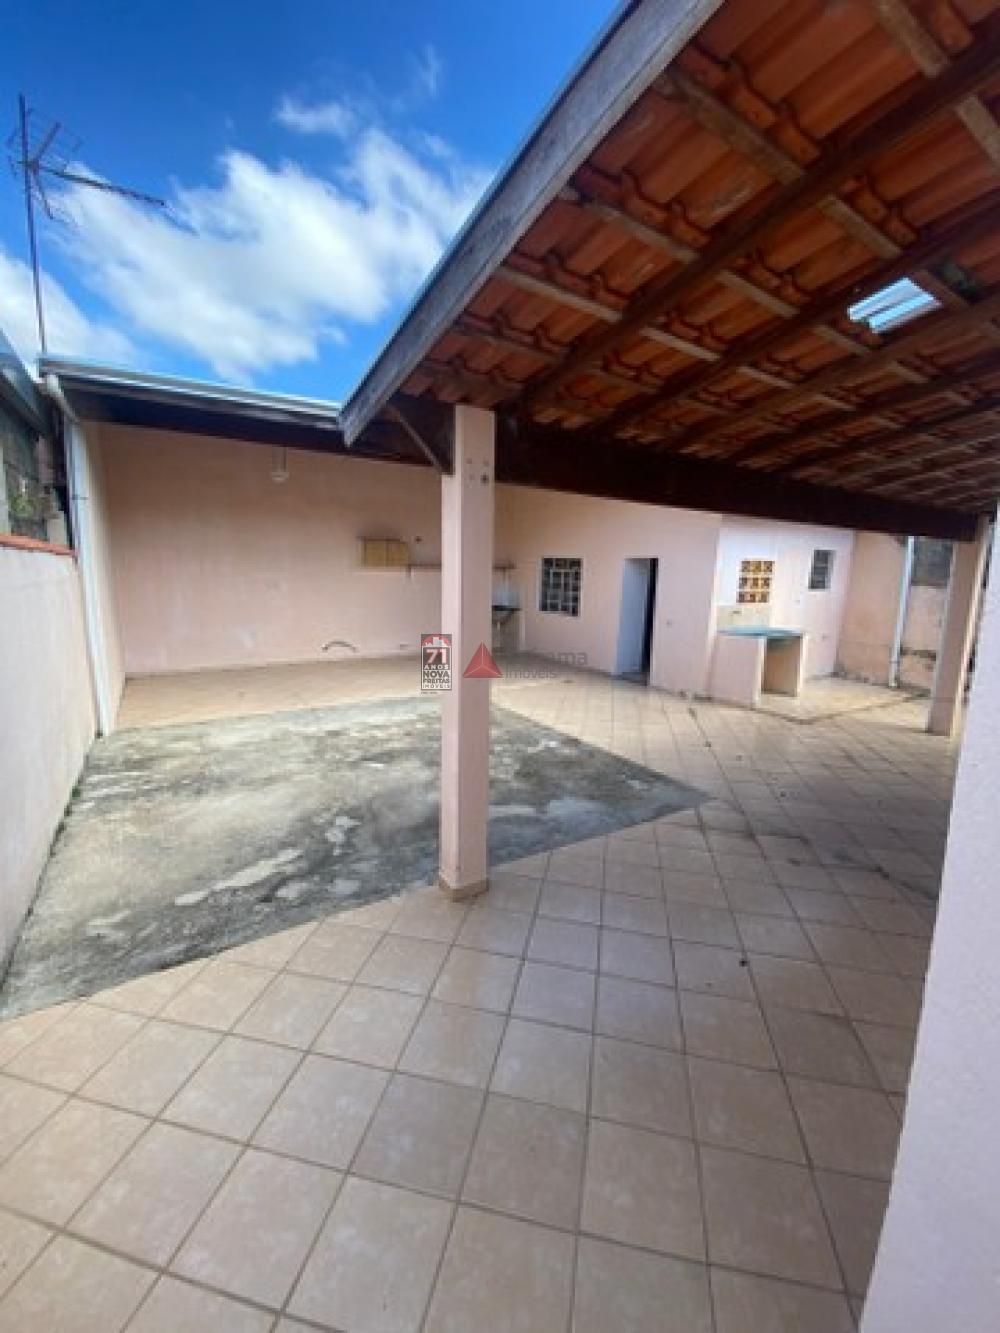 Comprar Casa / Padrão em São José dos Campos R$ 450.000,00 - Foto 9